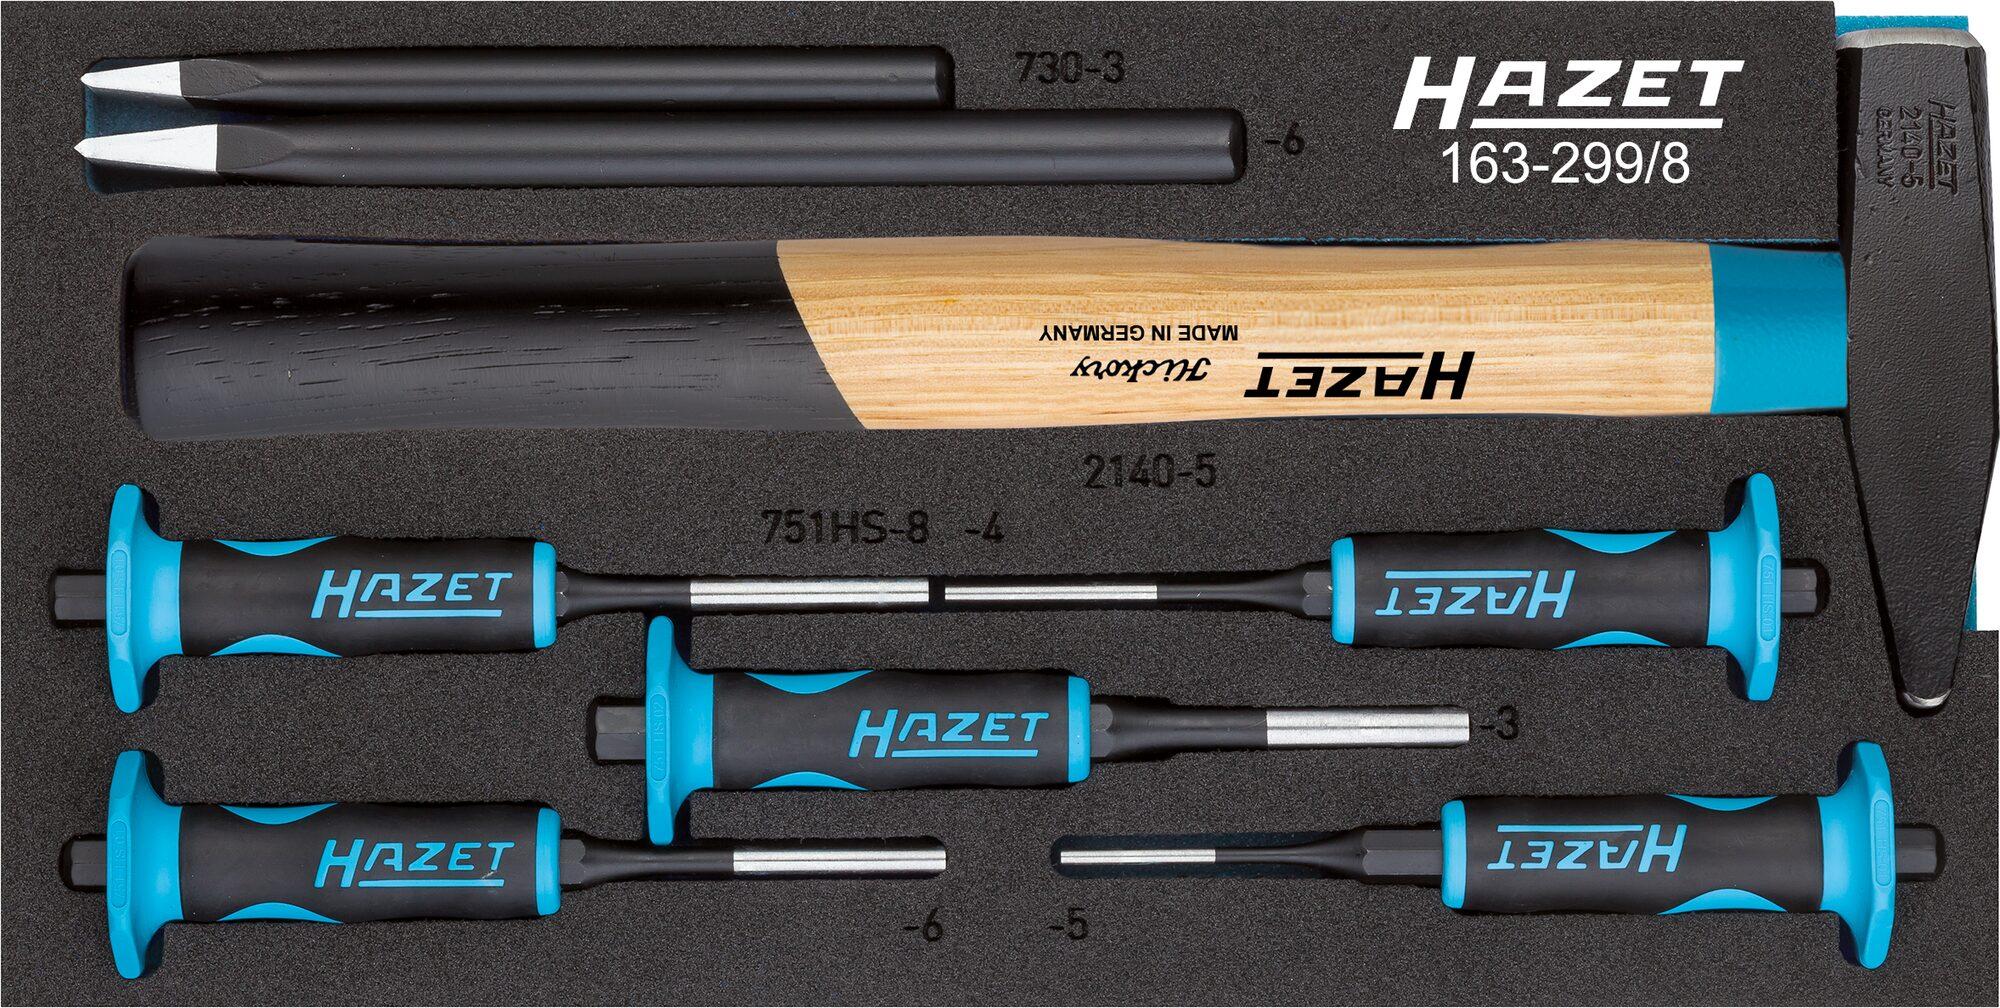 HAZET Splinttreiber Satz 163-299/8 ∙ Anzahl Werkzeuge: 8